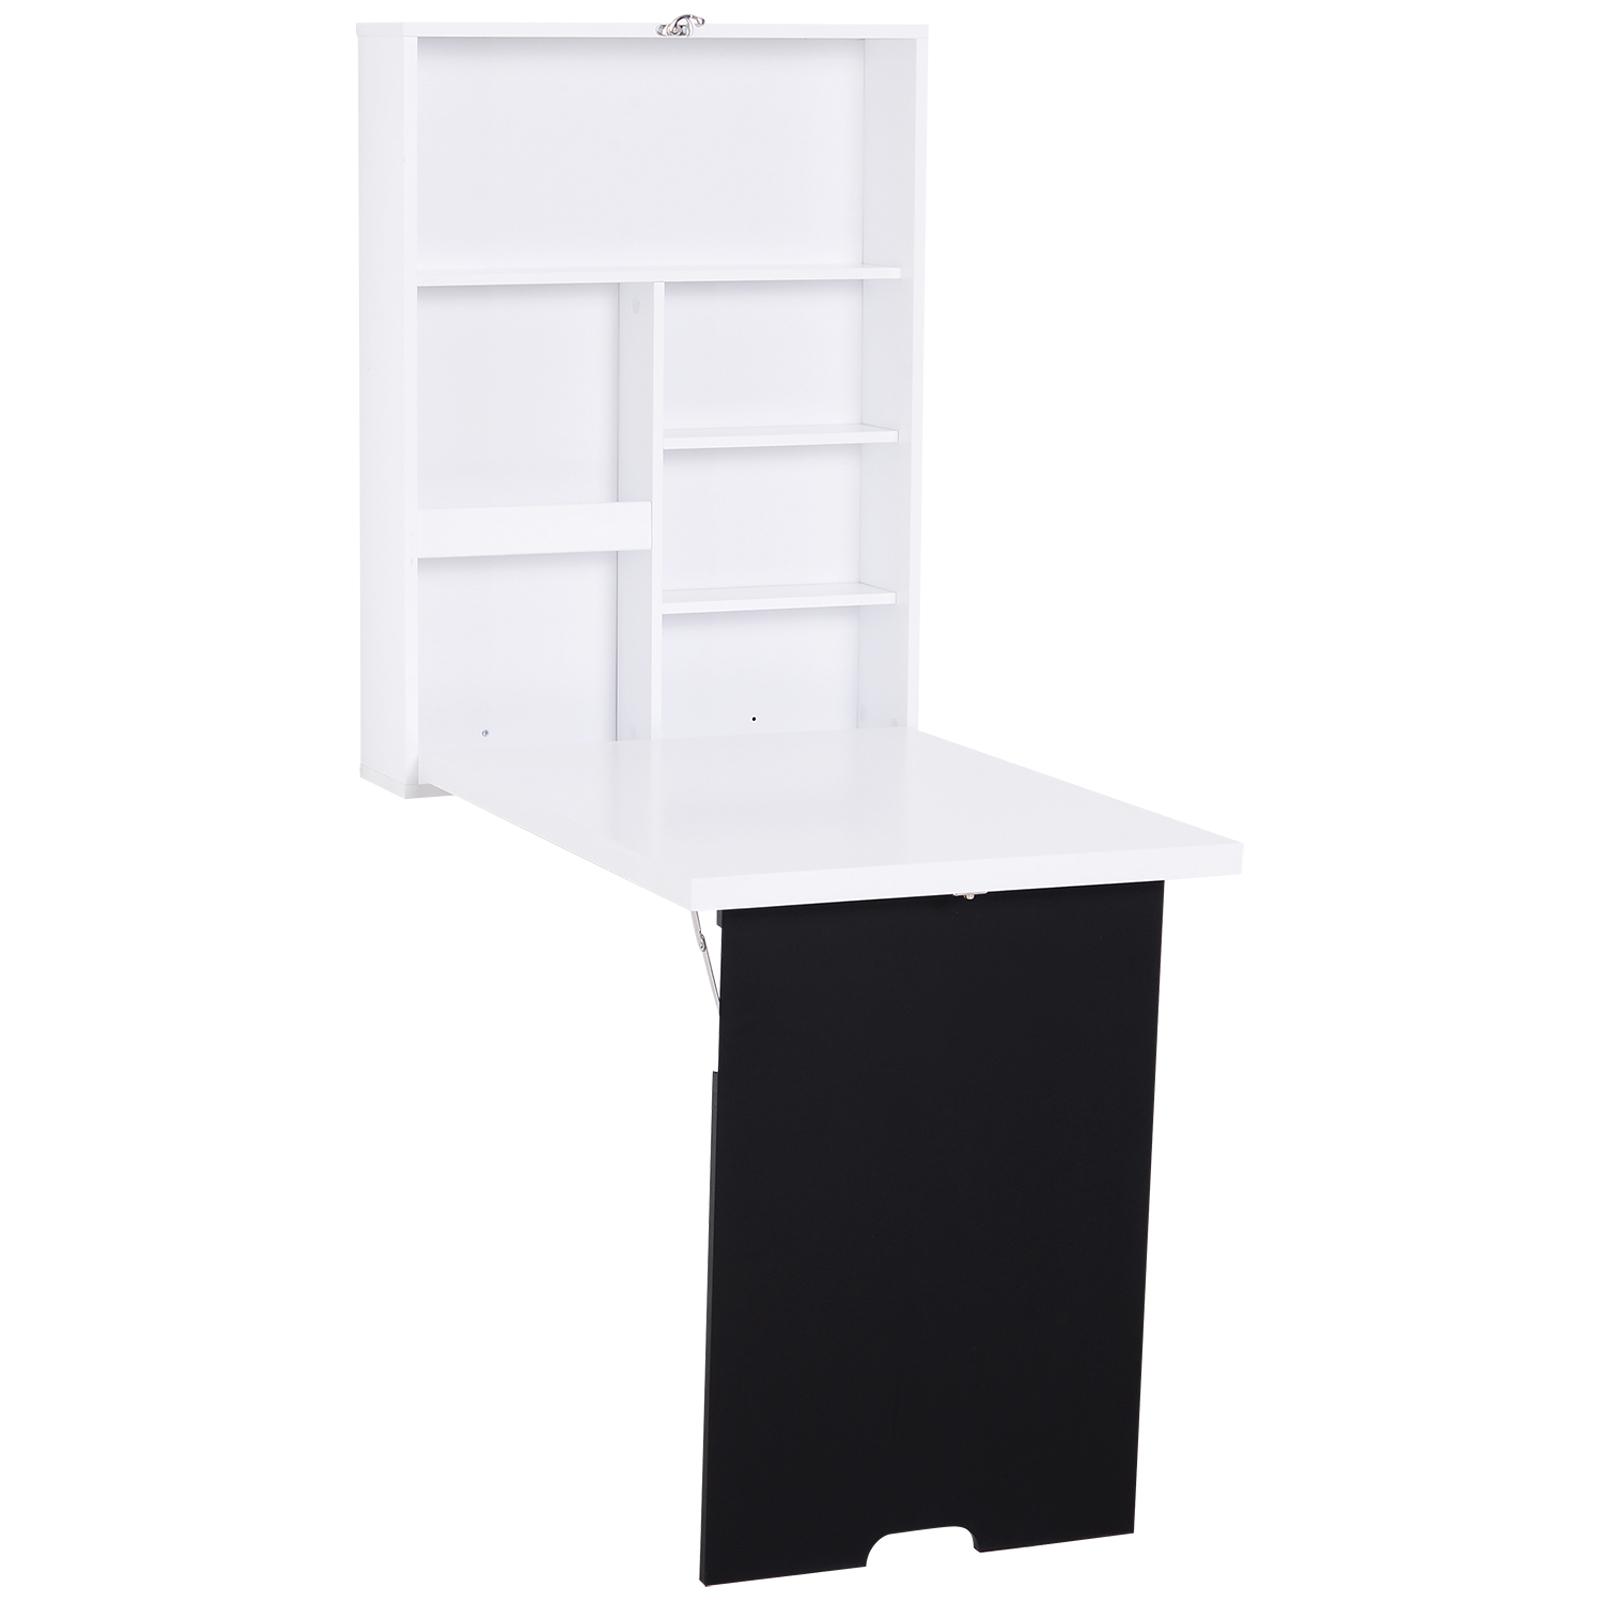 Homcom Bureau mural pliable table murale rabattable suspendue sur pied étagère + tableau à craie intégré MDF blanc